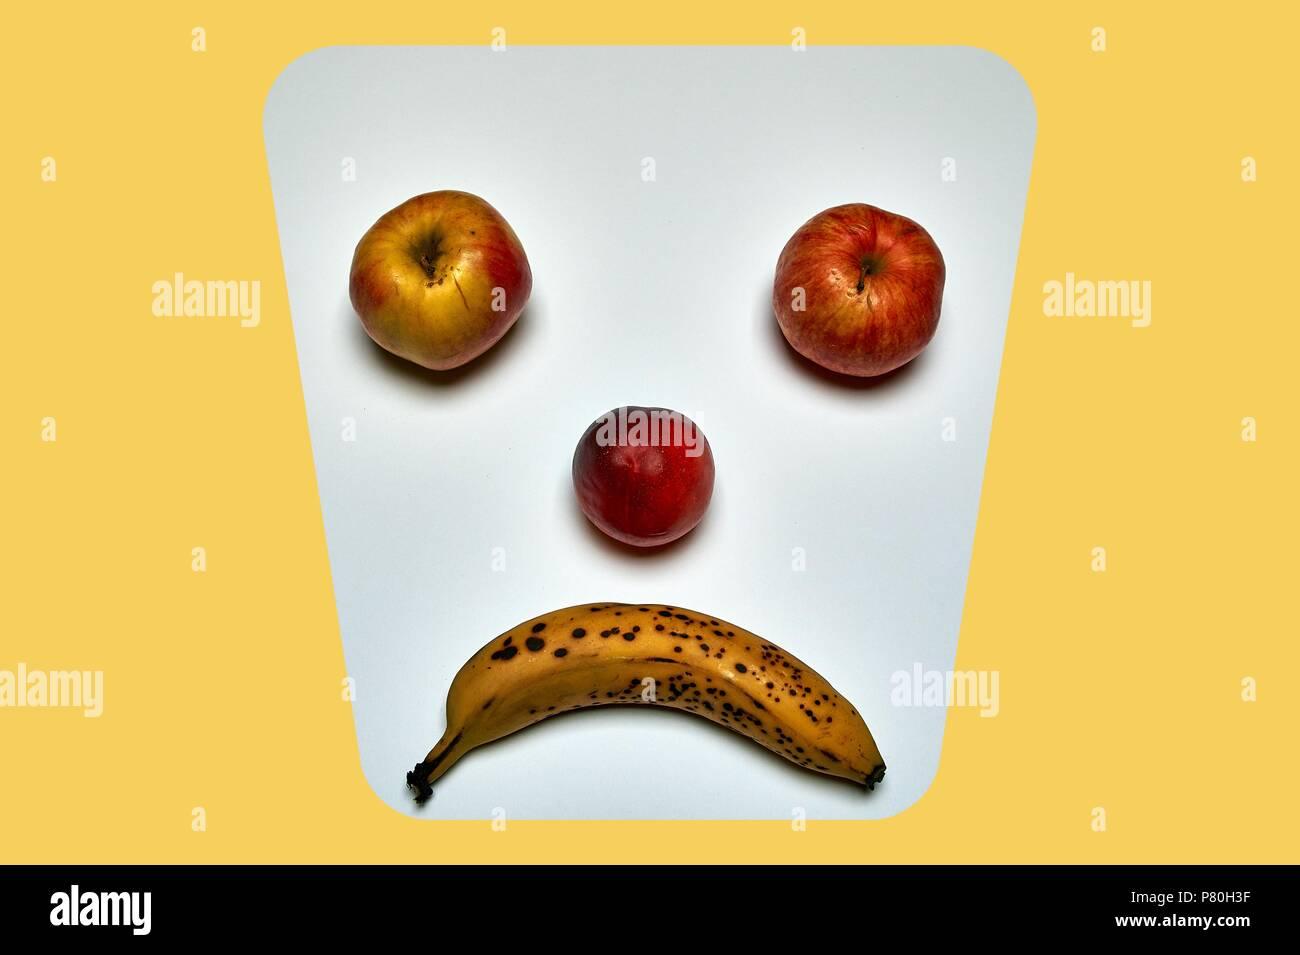 Minimalistische runde Obst Gesicht aus Apfel-, Pfirsich- und Banane Stockfoto